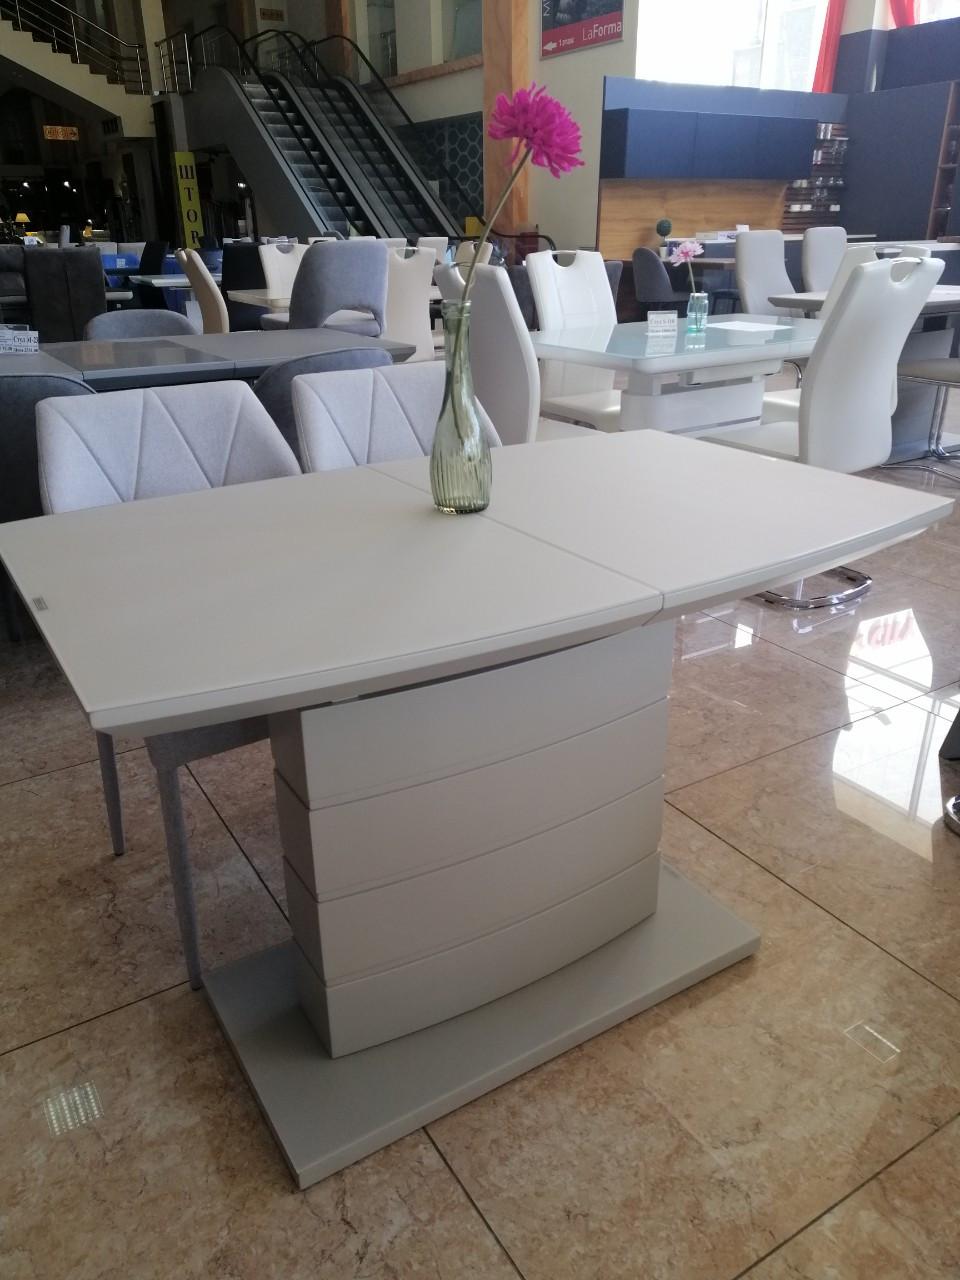 Раздвижной стол TMM-50-2 Vetro Mebel 110/150, матовый капучино (бесплатная доставка)